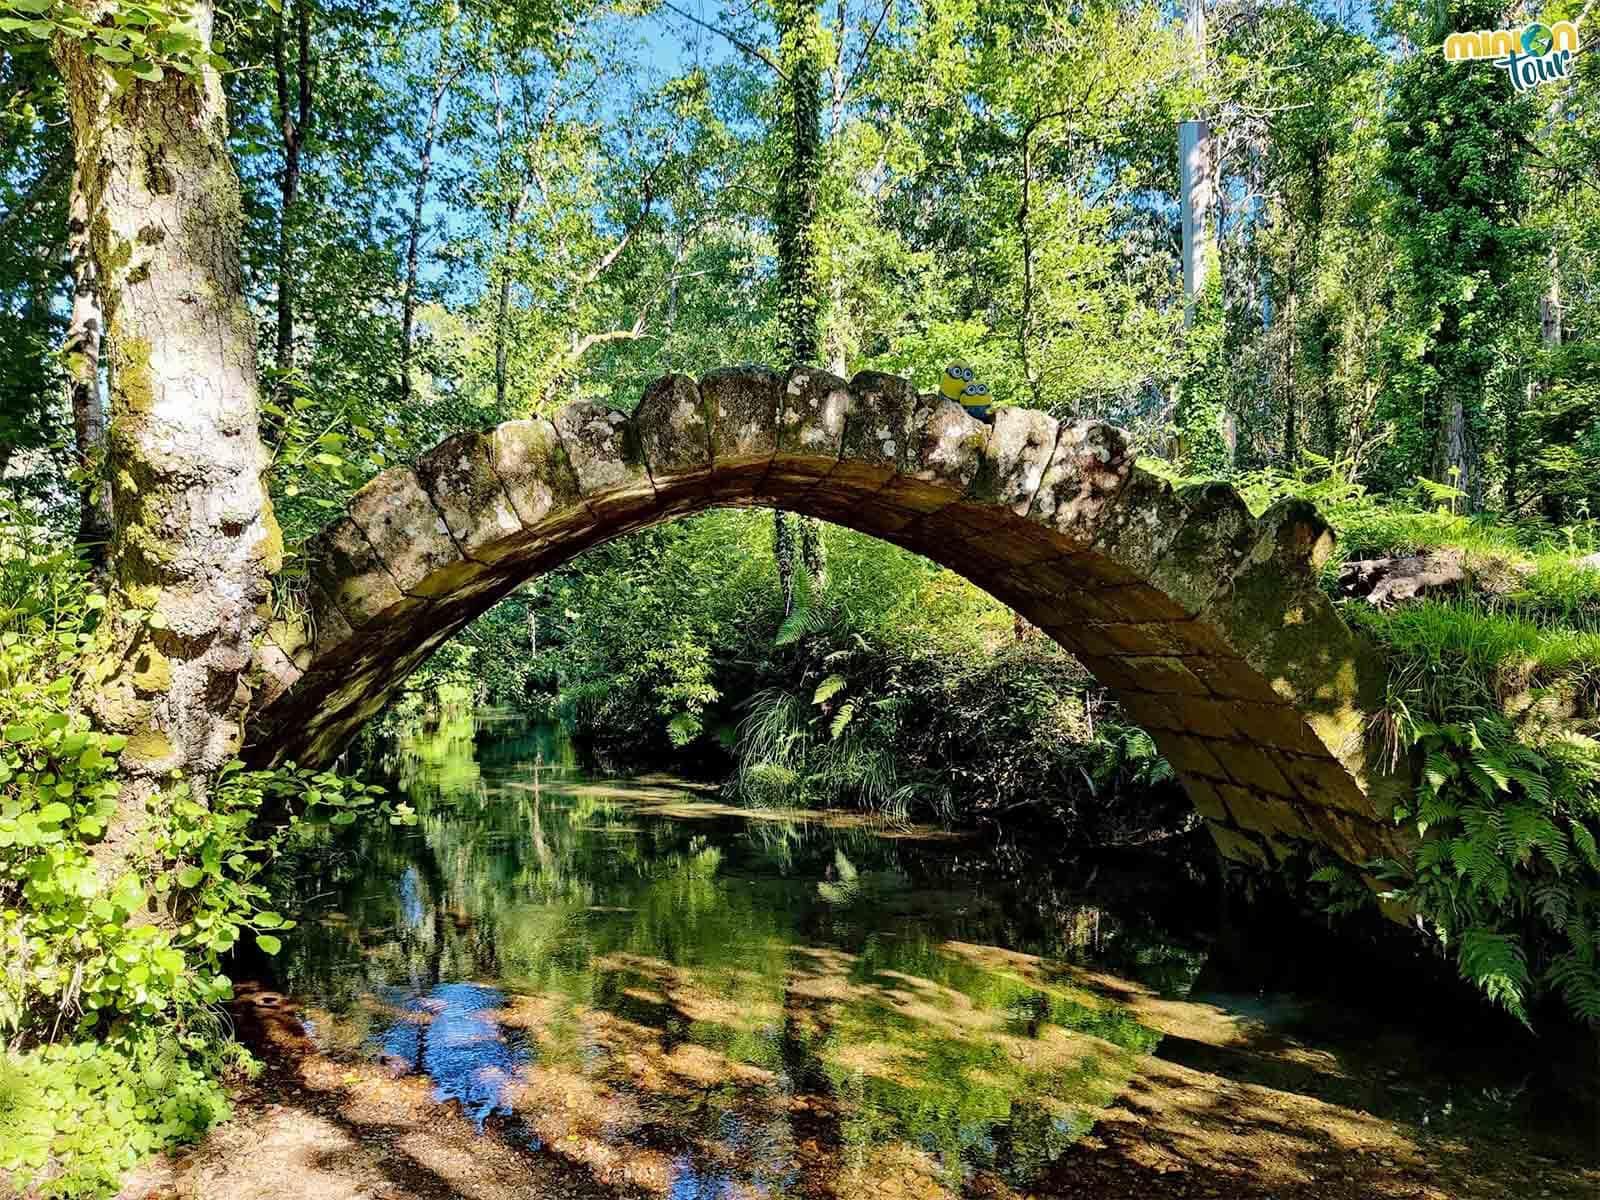 Estamos pasando por el Puente Medieval del río Sieira